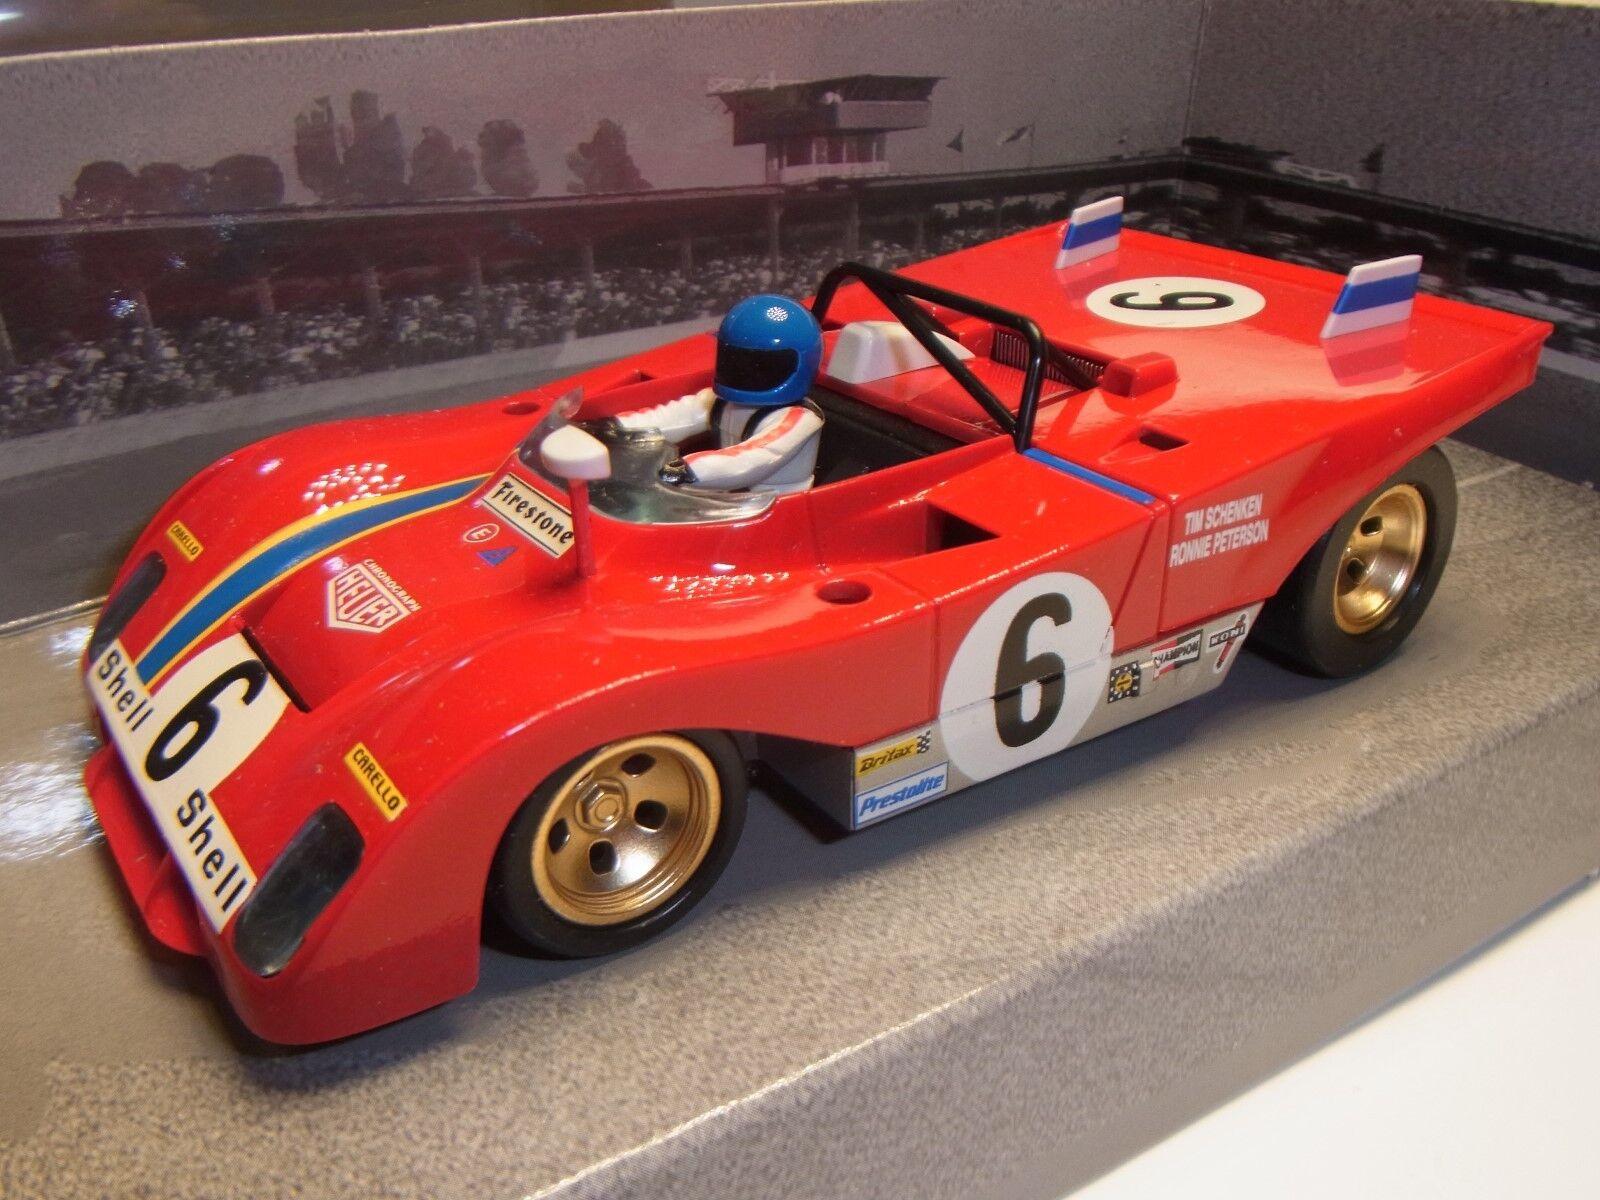 SLOTER FERRARI 312  6 DAYTONA 1972 DARE   PETERSON Pista per auto 1 3 2 SLOTCAR